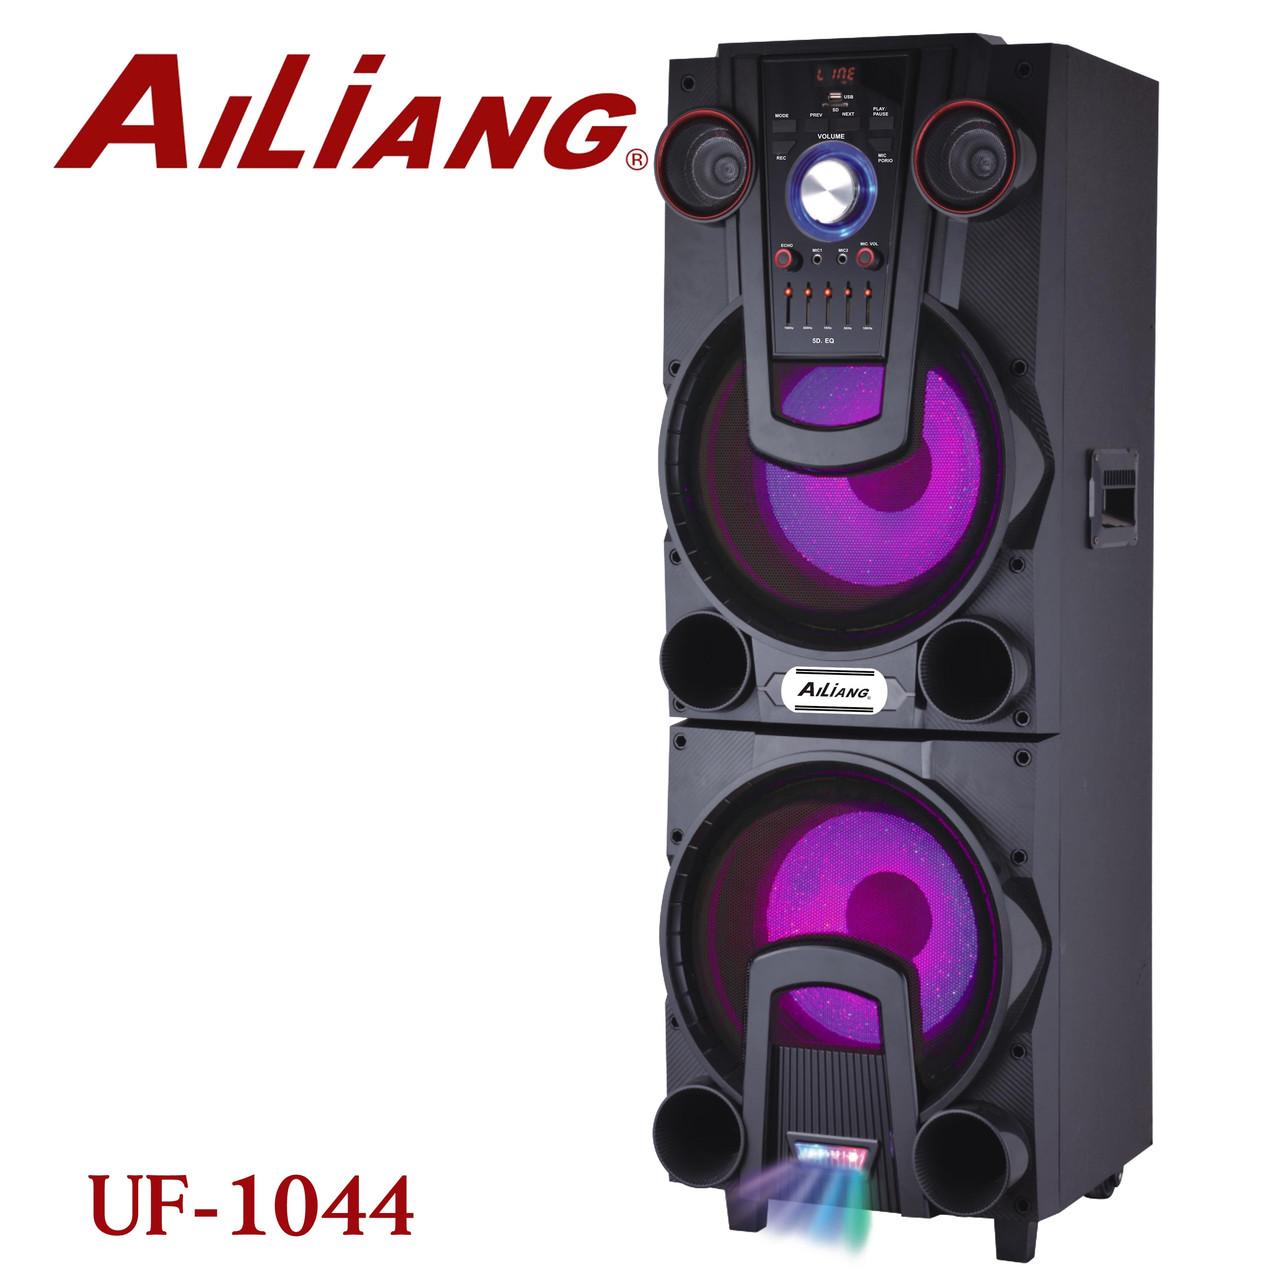 Колонка блютуз акумуляторна два динаміки з підсвічуванням і 2 мікрофонами AILIANG UF-1044